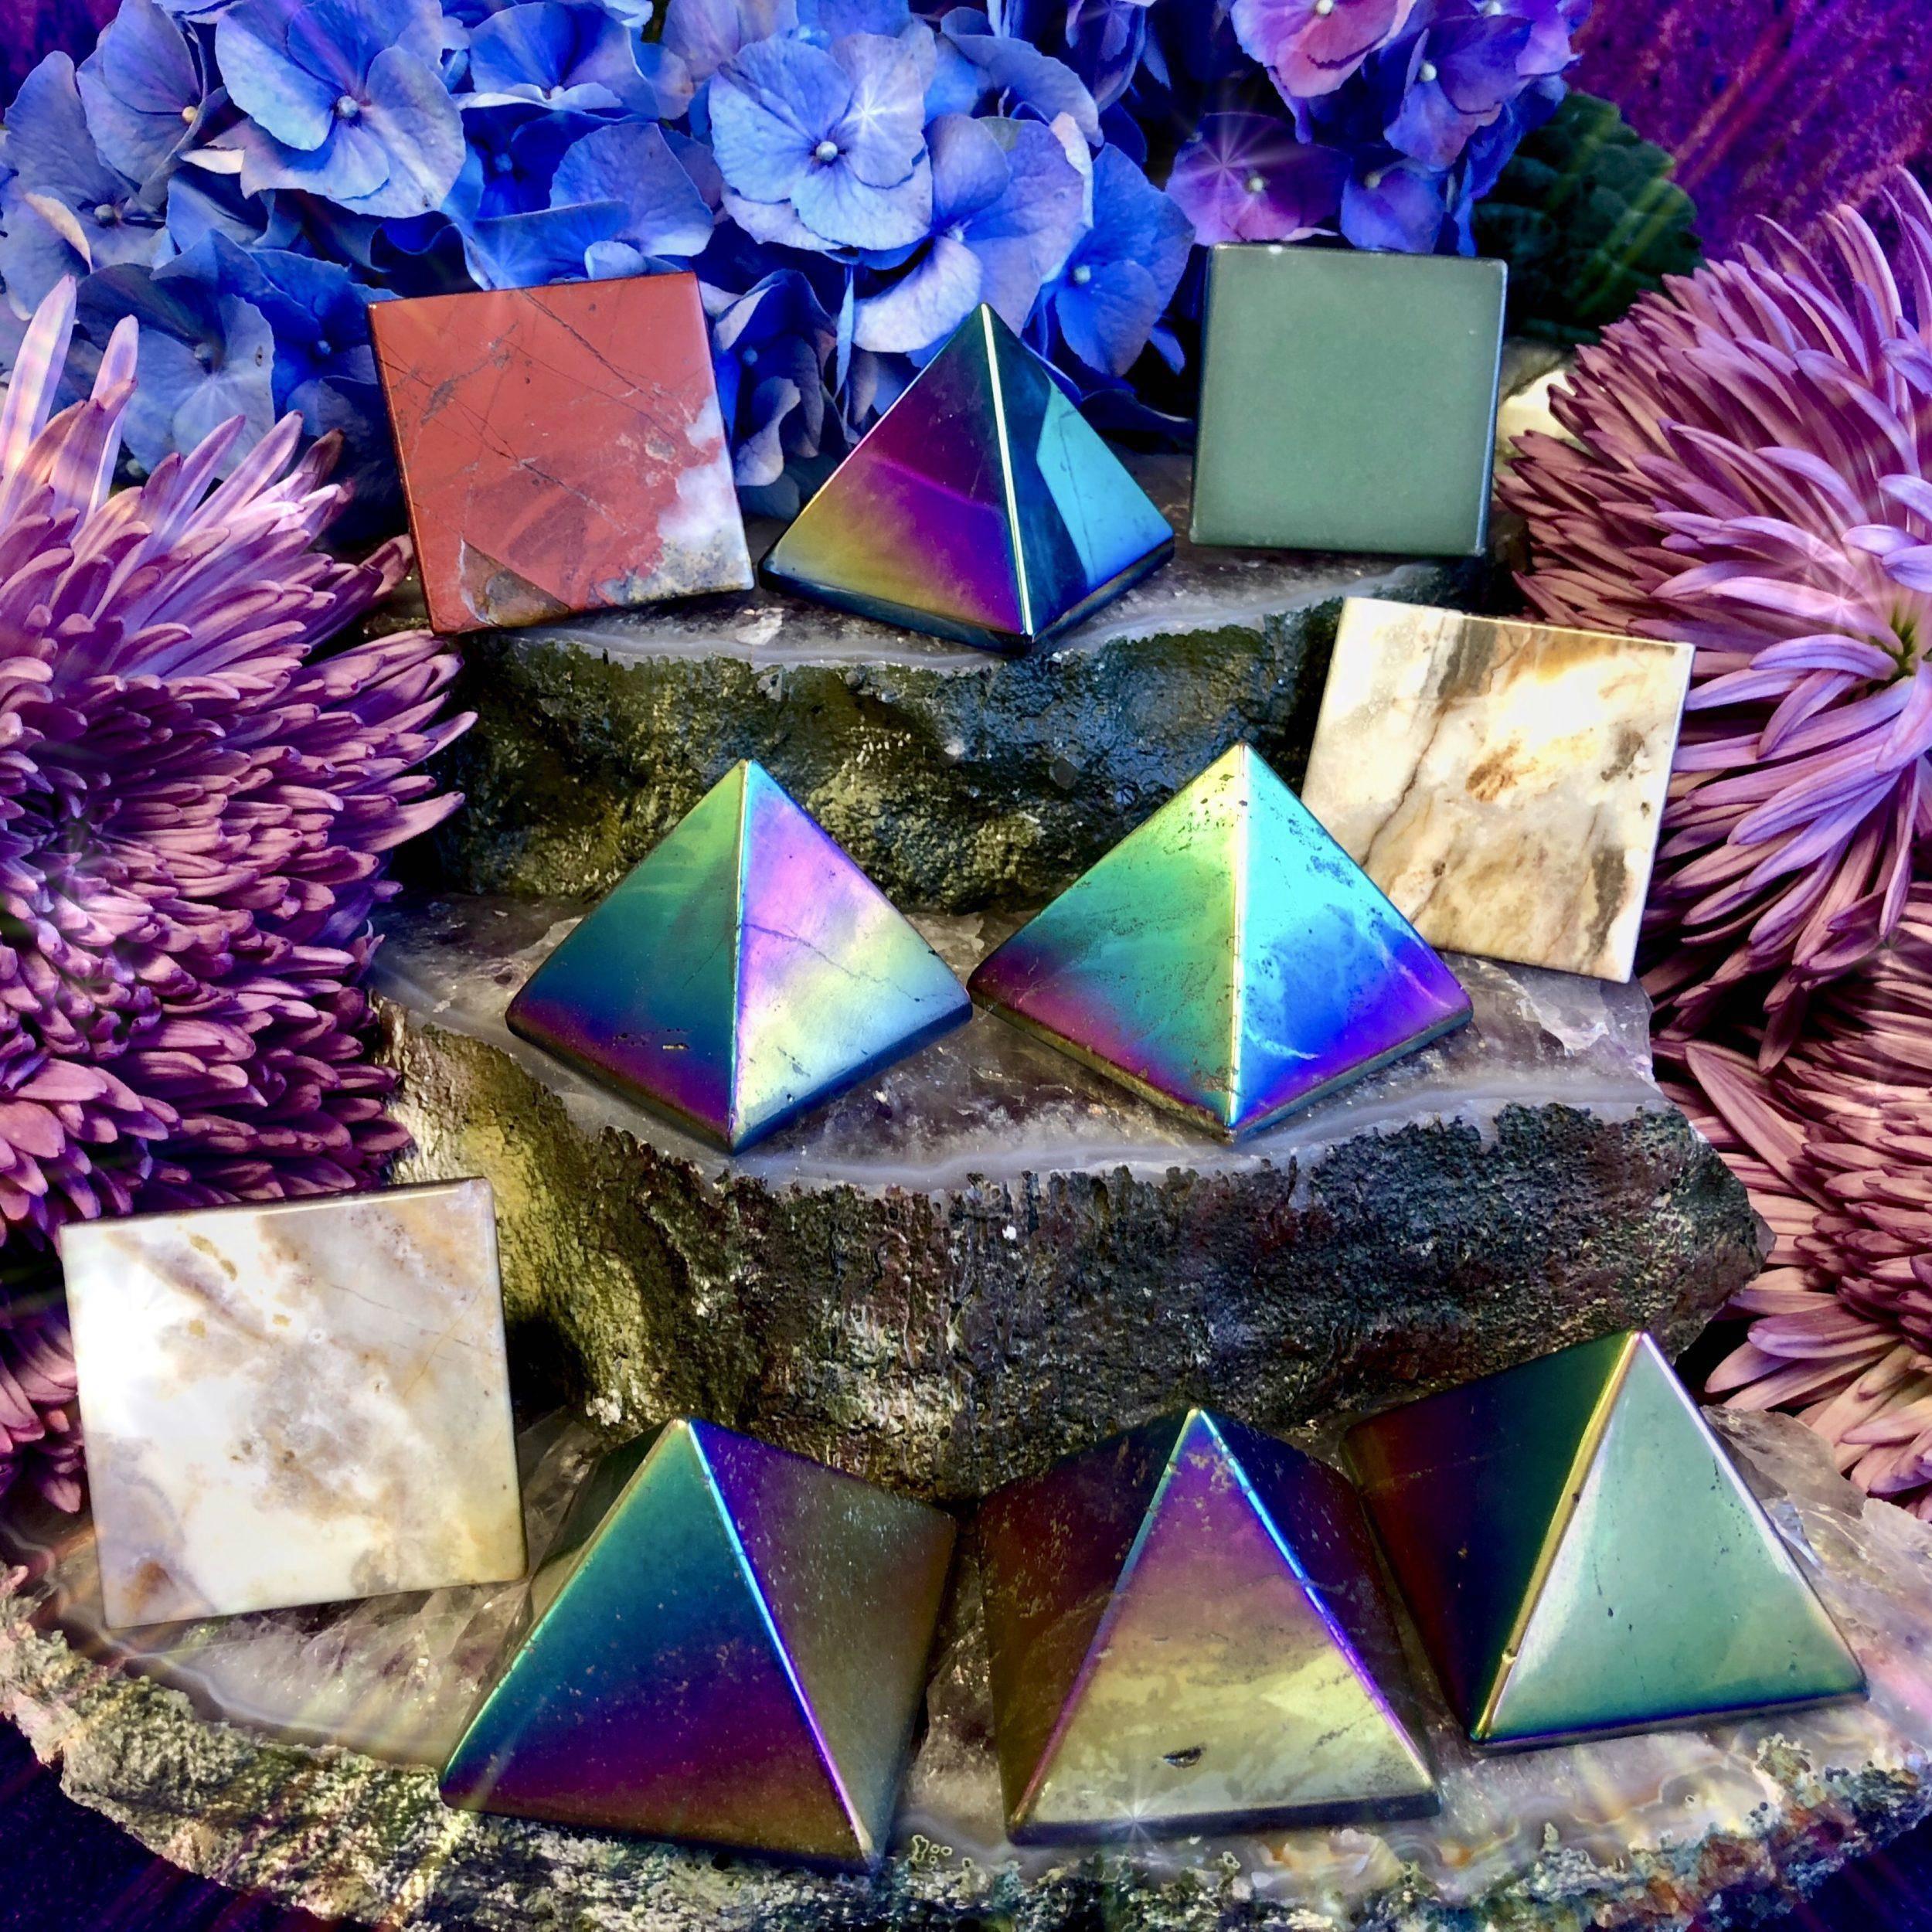 Titanium_Aura_Pyramids_1of4_10_26